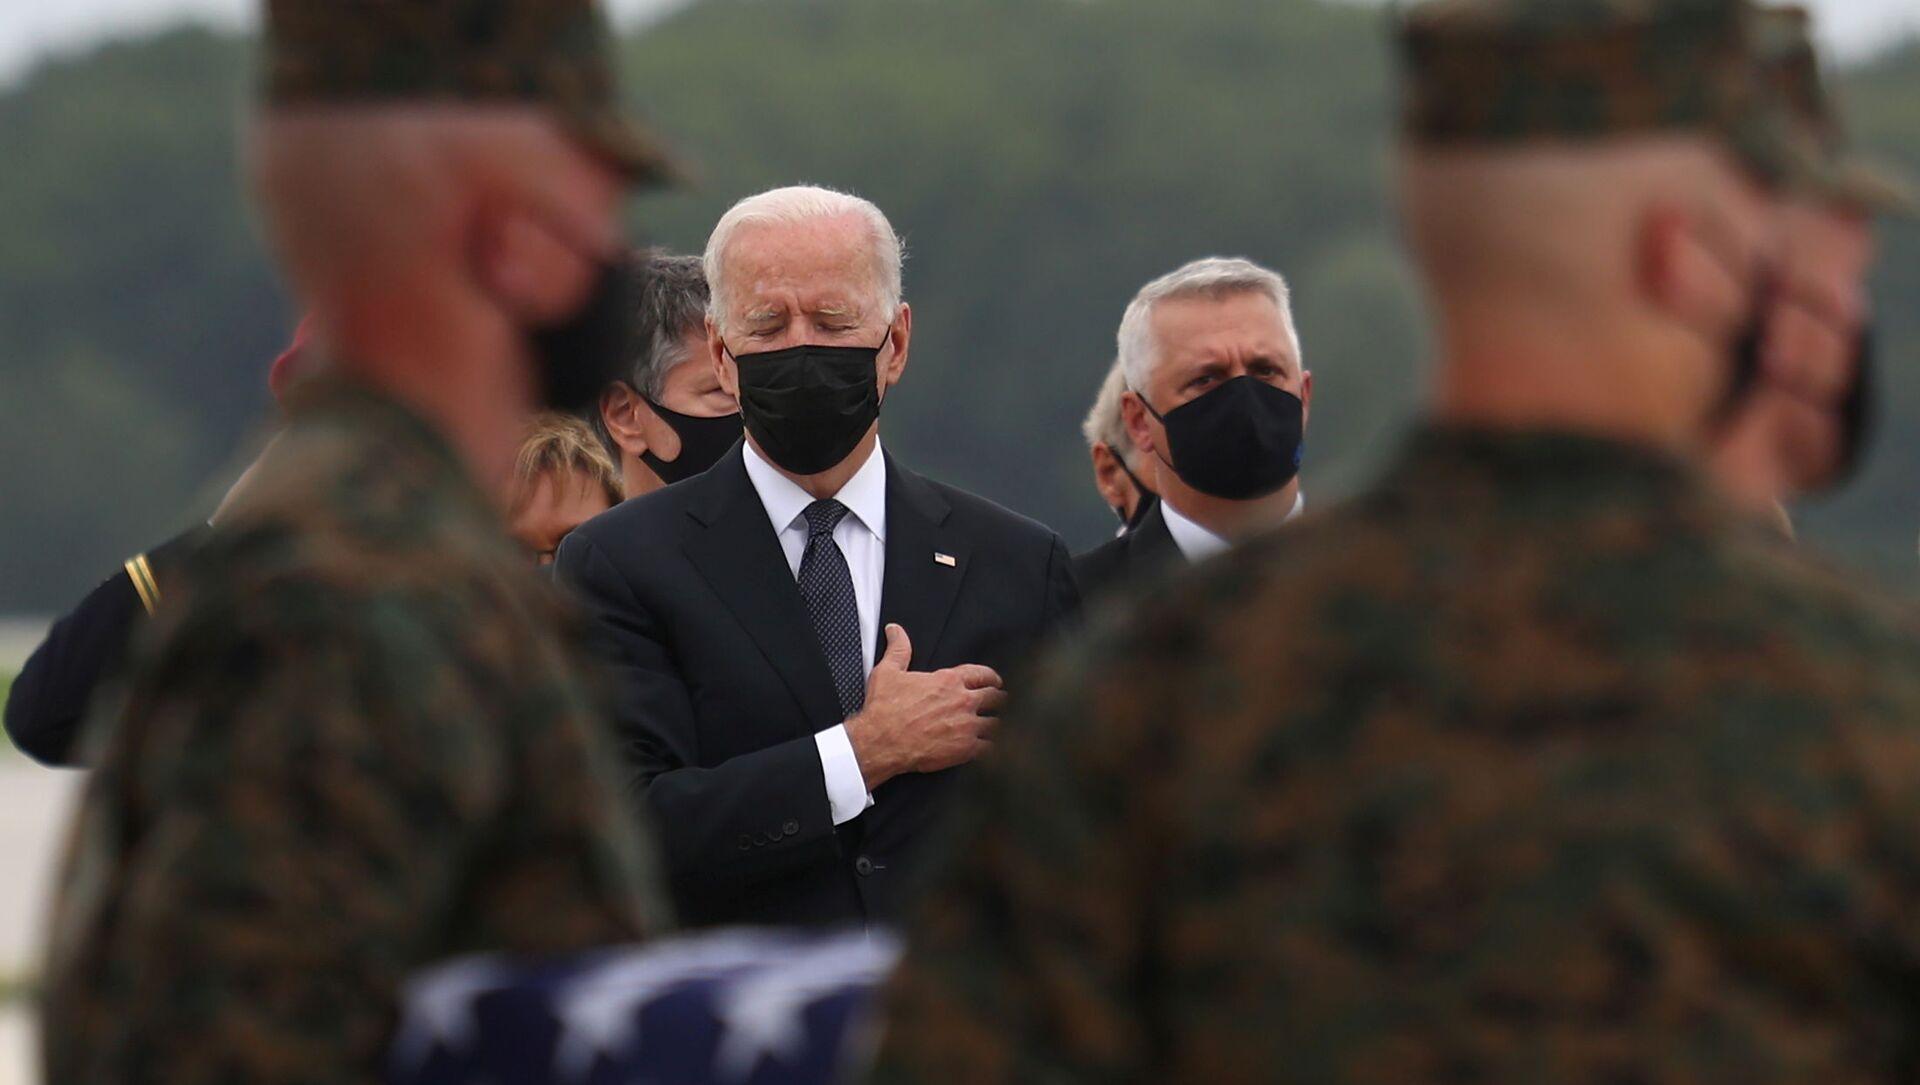 Tổng thống Hoa Kỳ Joe Biden tại căn cứ Không quân Dover trong nghi lễ chuyển giao hài cốt một quân nhân Mỹ thiệt mạng ở Afghanistan - Sputnik Việt Nam, 1920, 30.08.2021